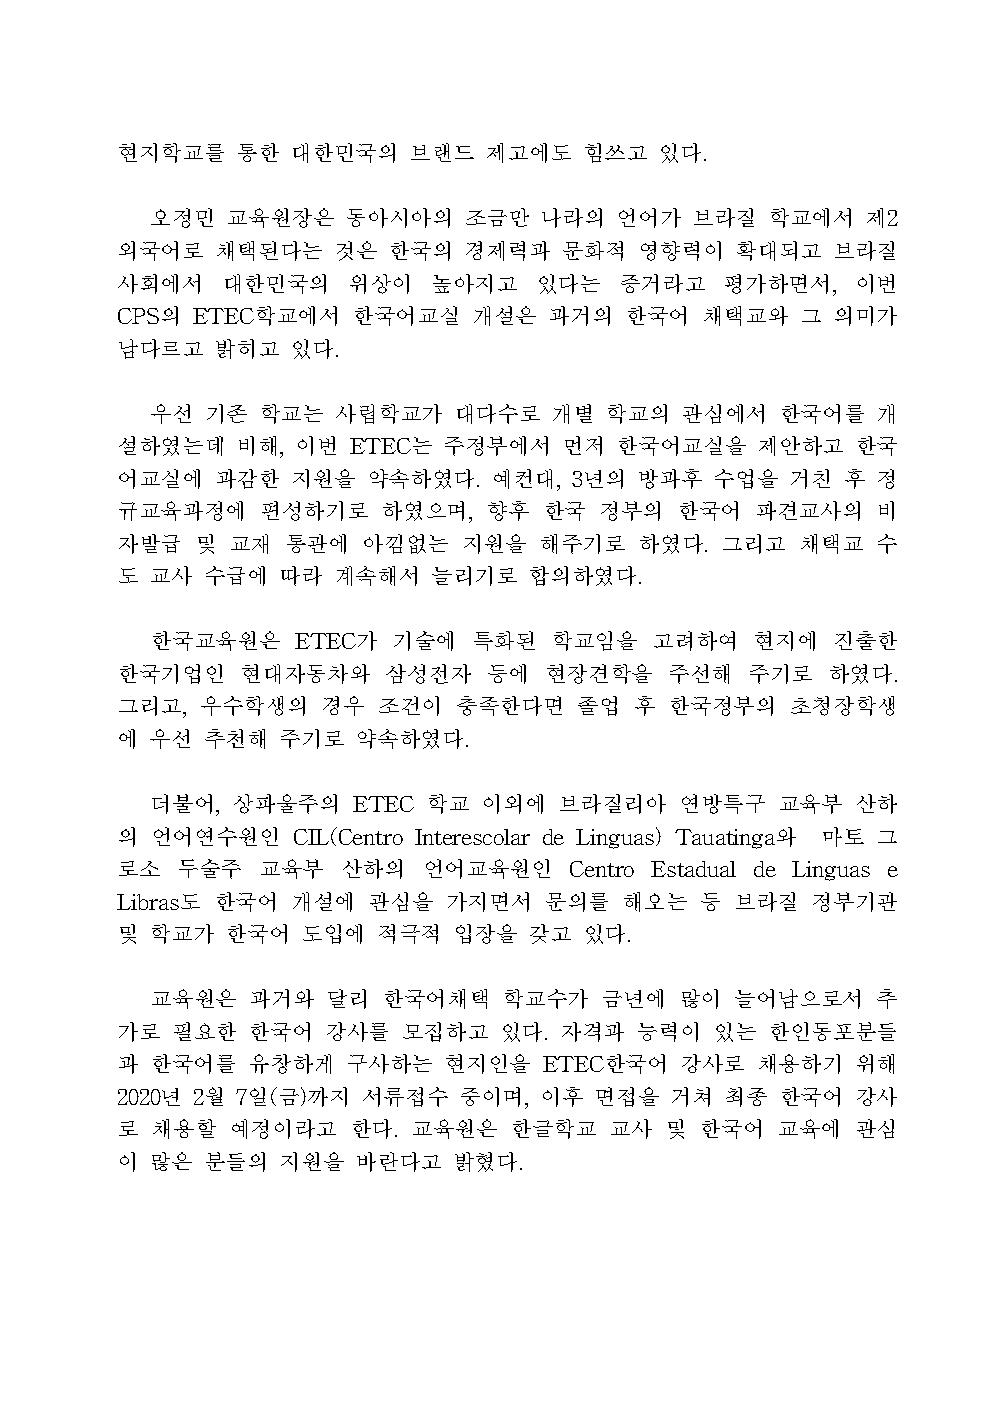 200116 상파울루교육원, 올해 16개 ETEC 고교에 한국어반 개설 추진002.png